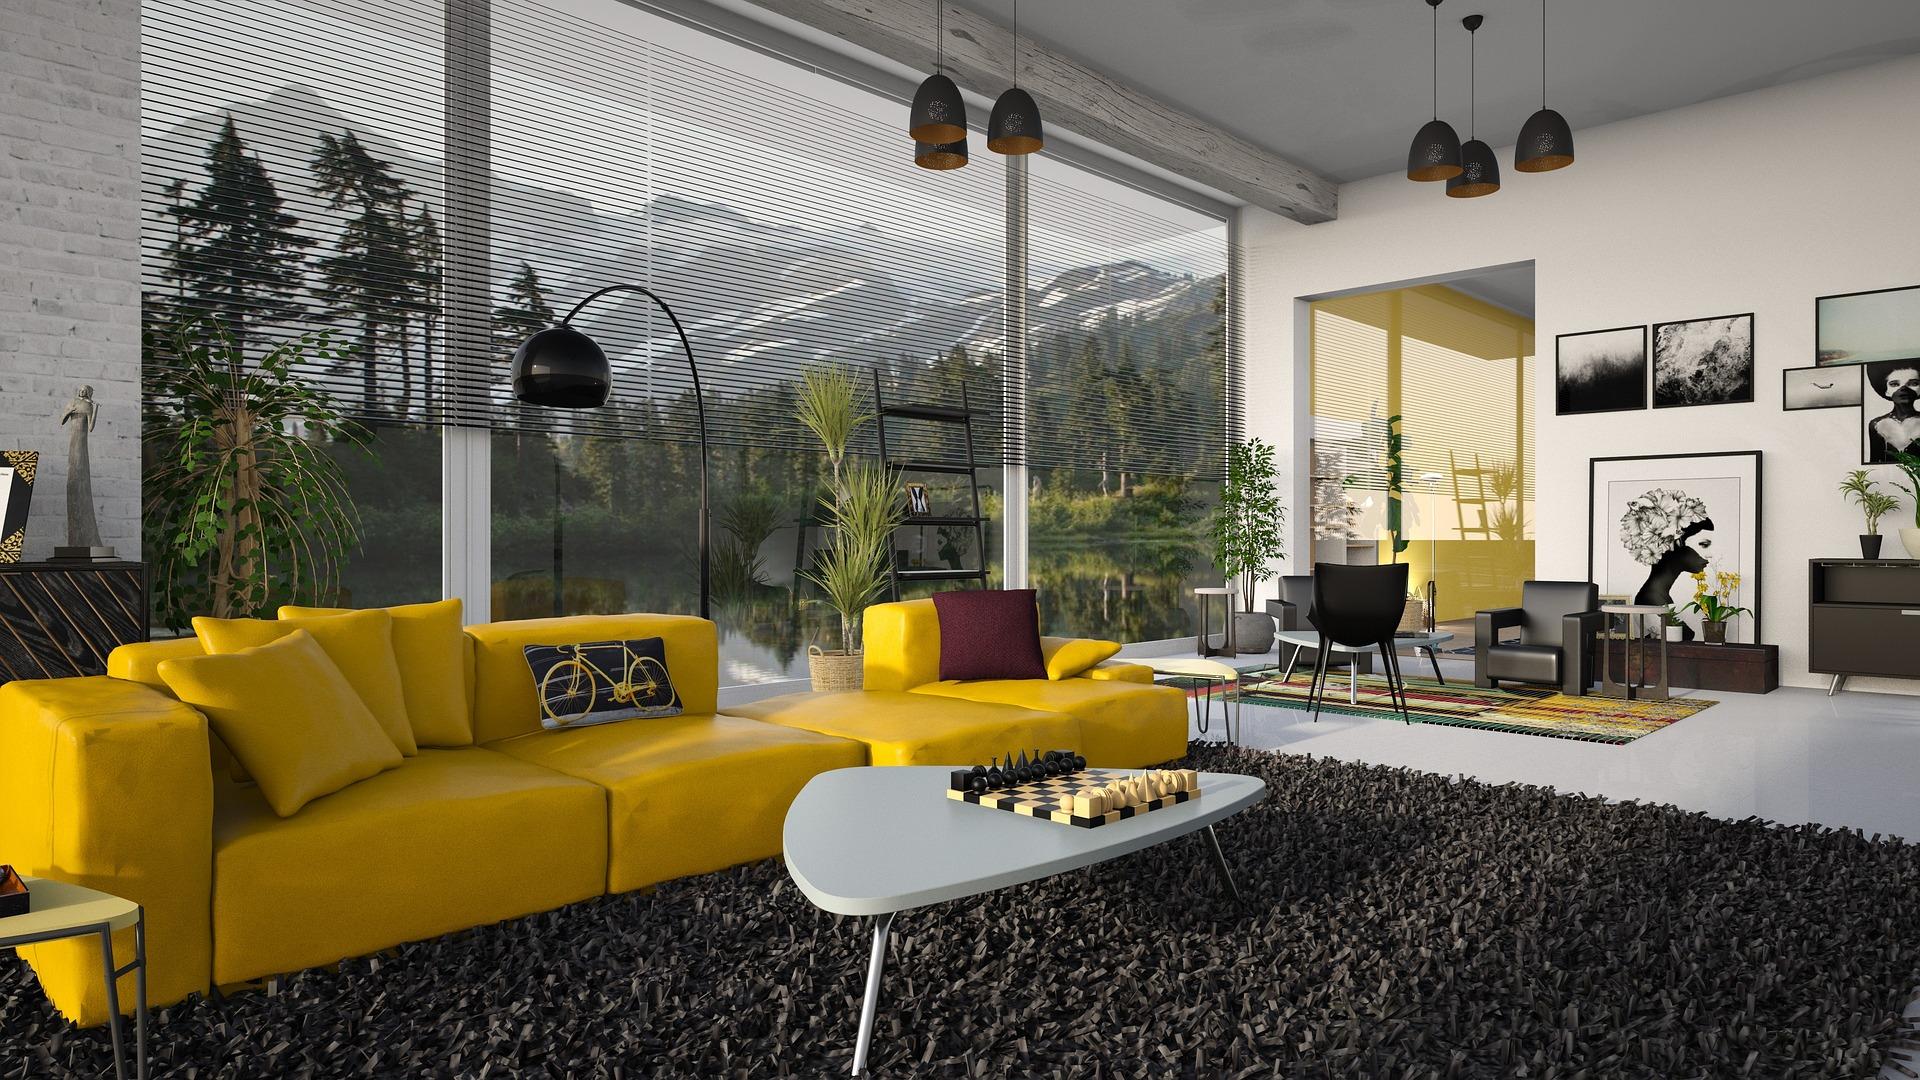 Il Property manager con il noleggio degli arredi aumenta il rendimento di un immobile